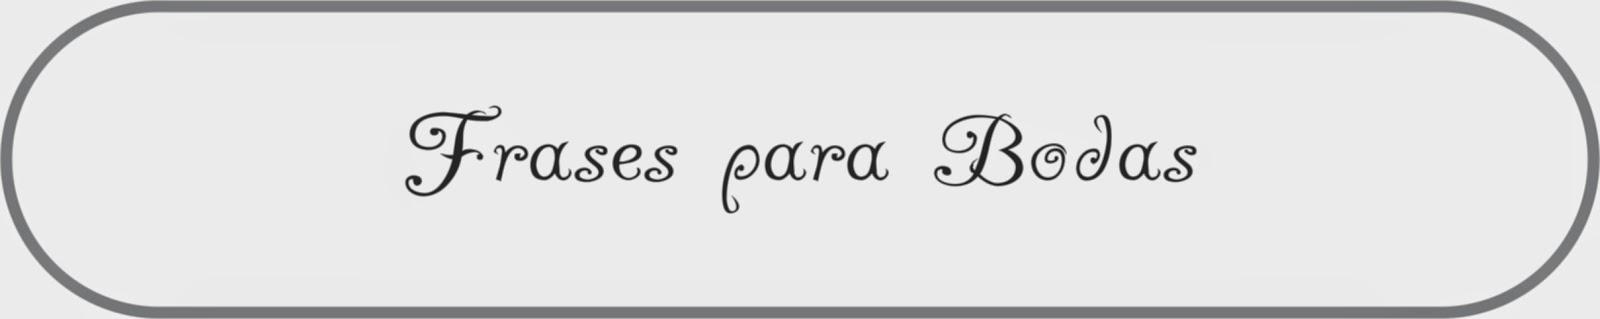 http://4unico.blogspot.com.ar/2009/04/frases-para-casamiento.html